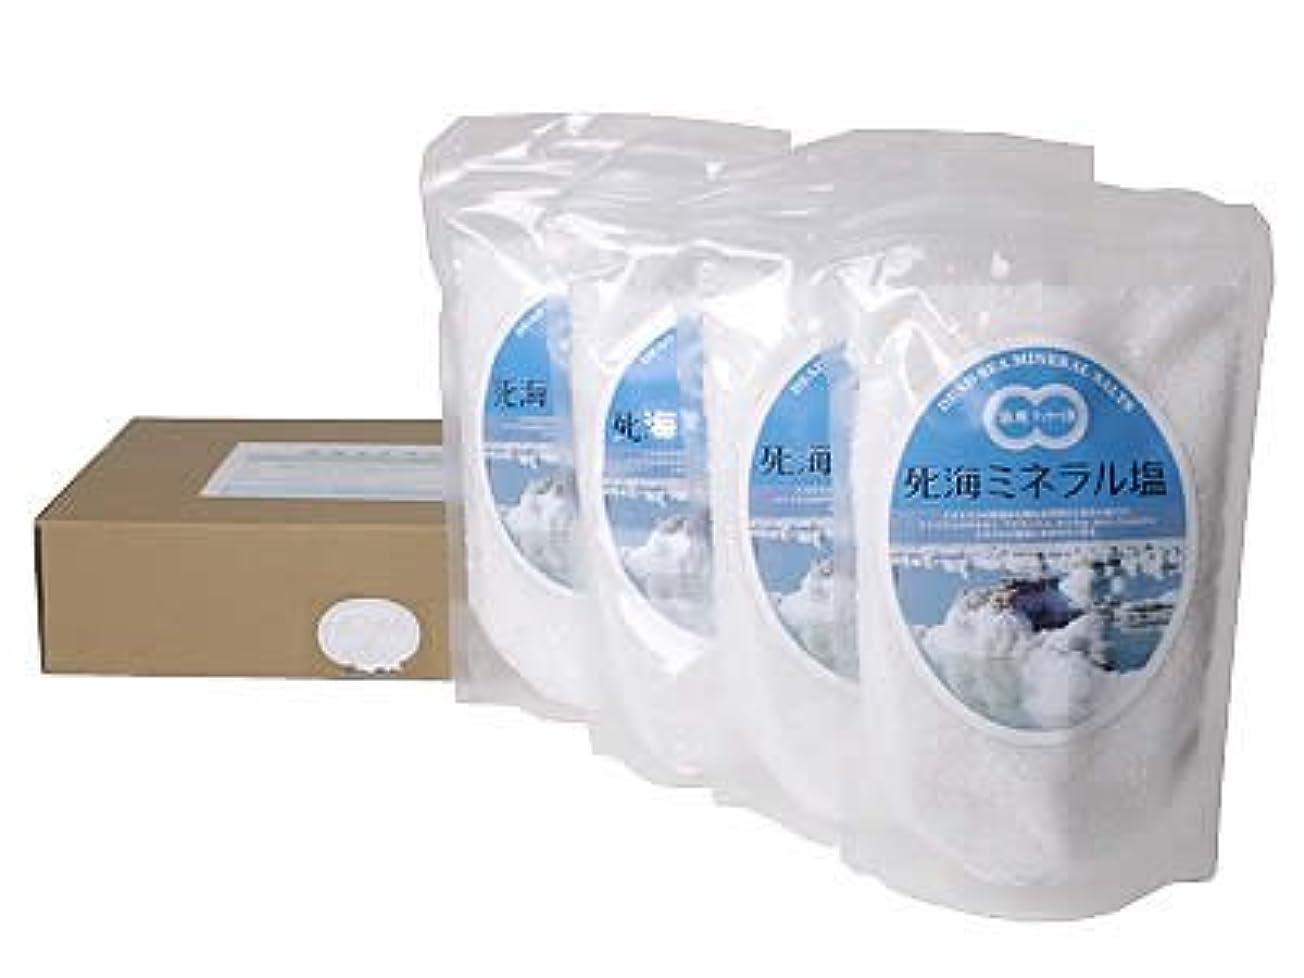 はさみ自発的真実に死海ミネラル塩 2kg 500g×4